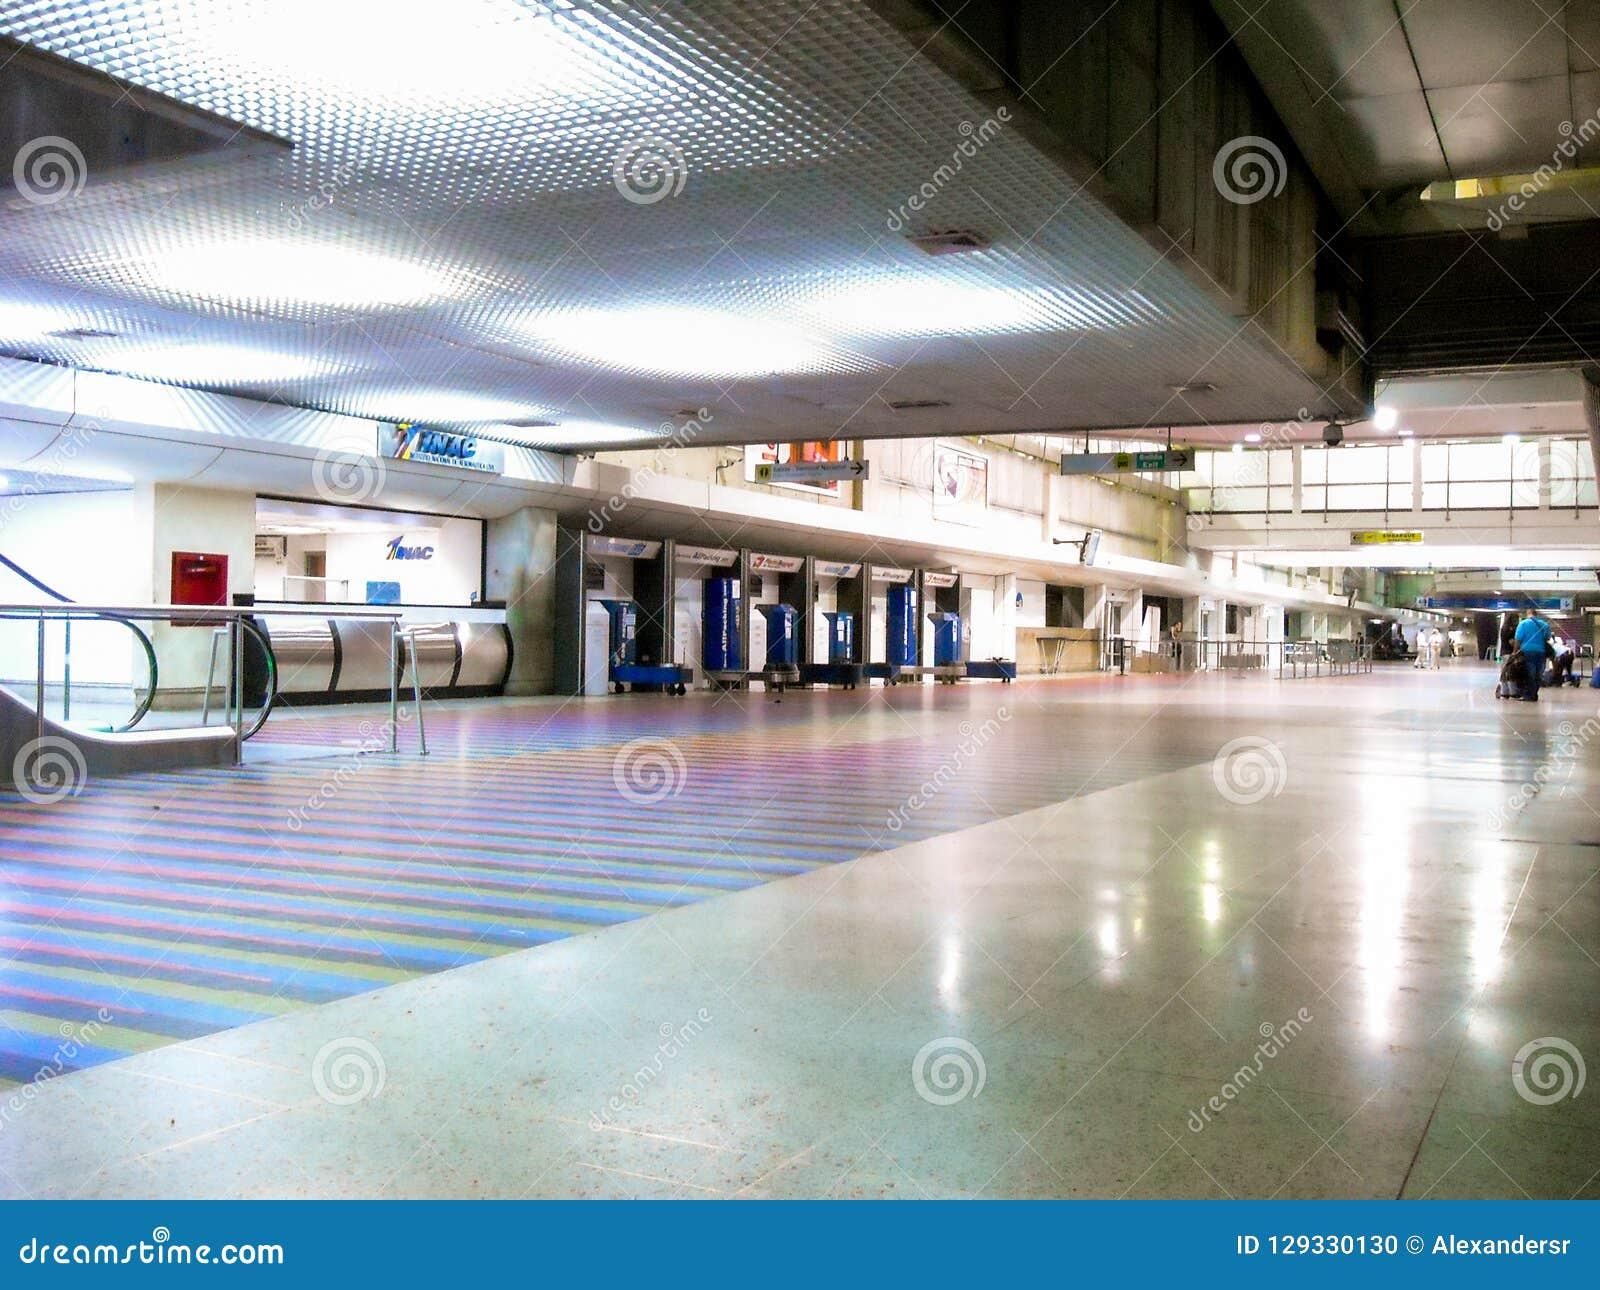 拉瓜伊拉巴尔加斯状态/委内瑞拉08/11/2018国际机场西蒙・波利瓦迈克蒂亚社论